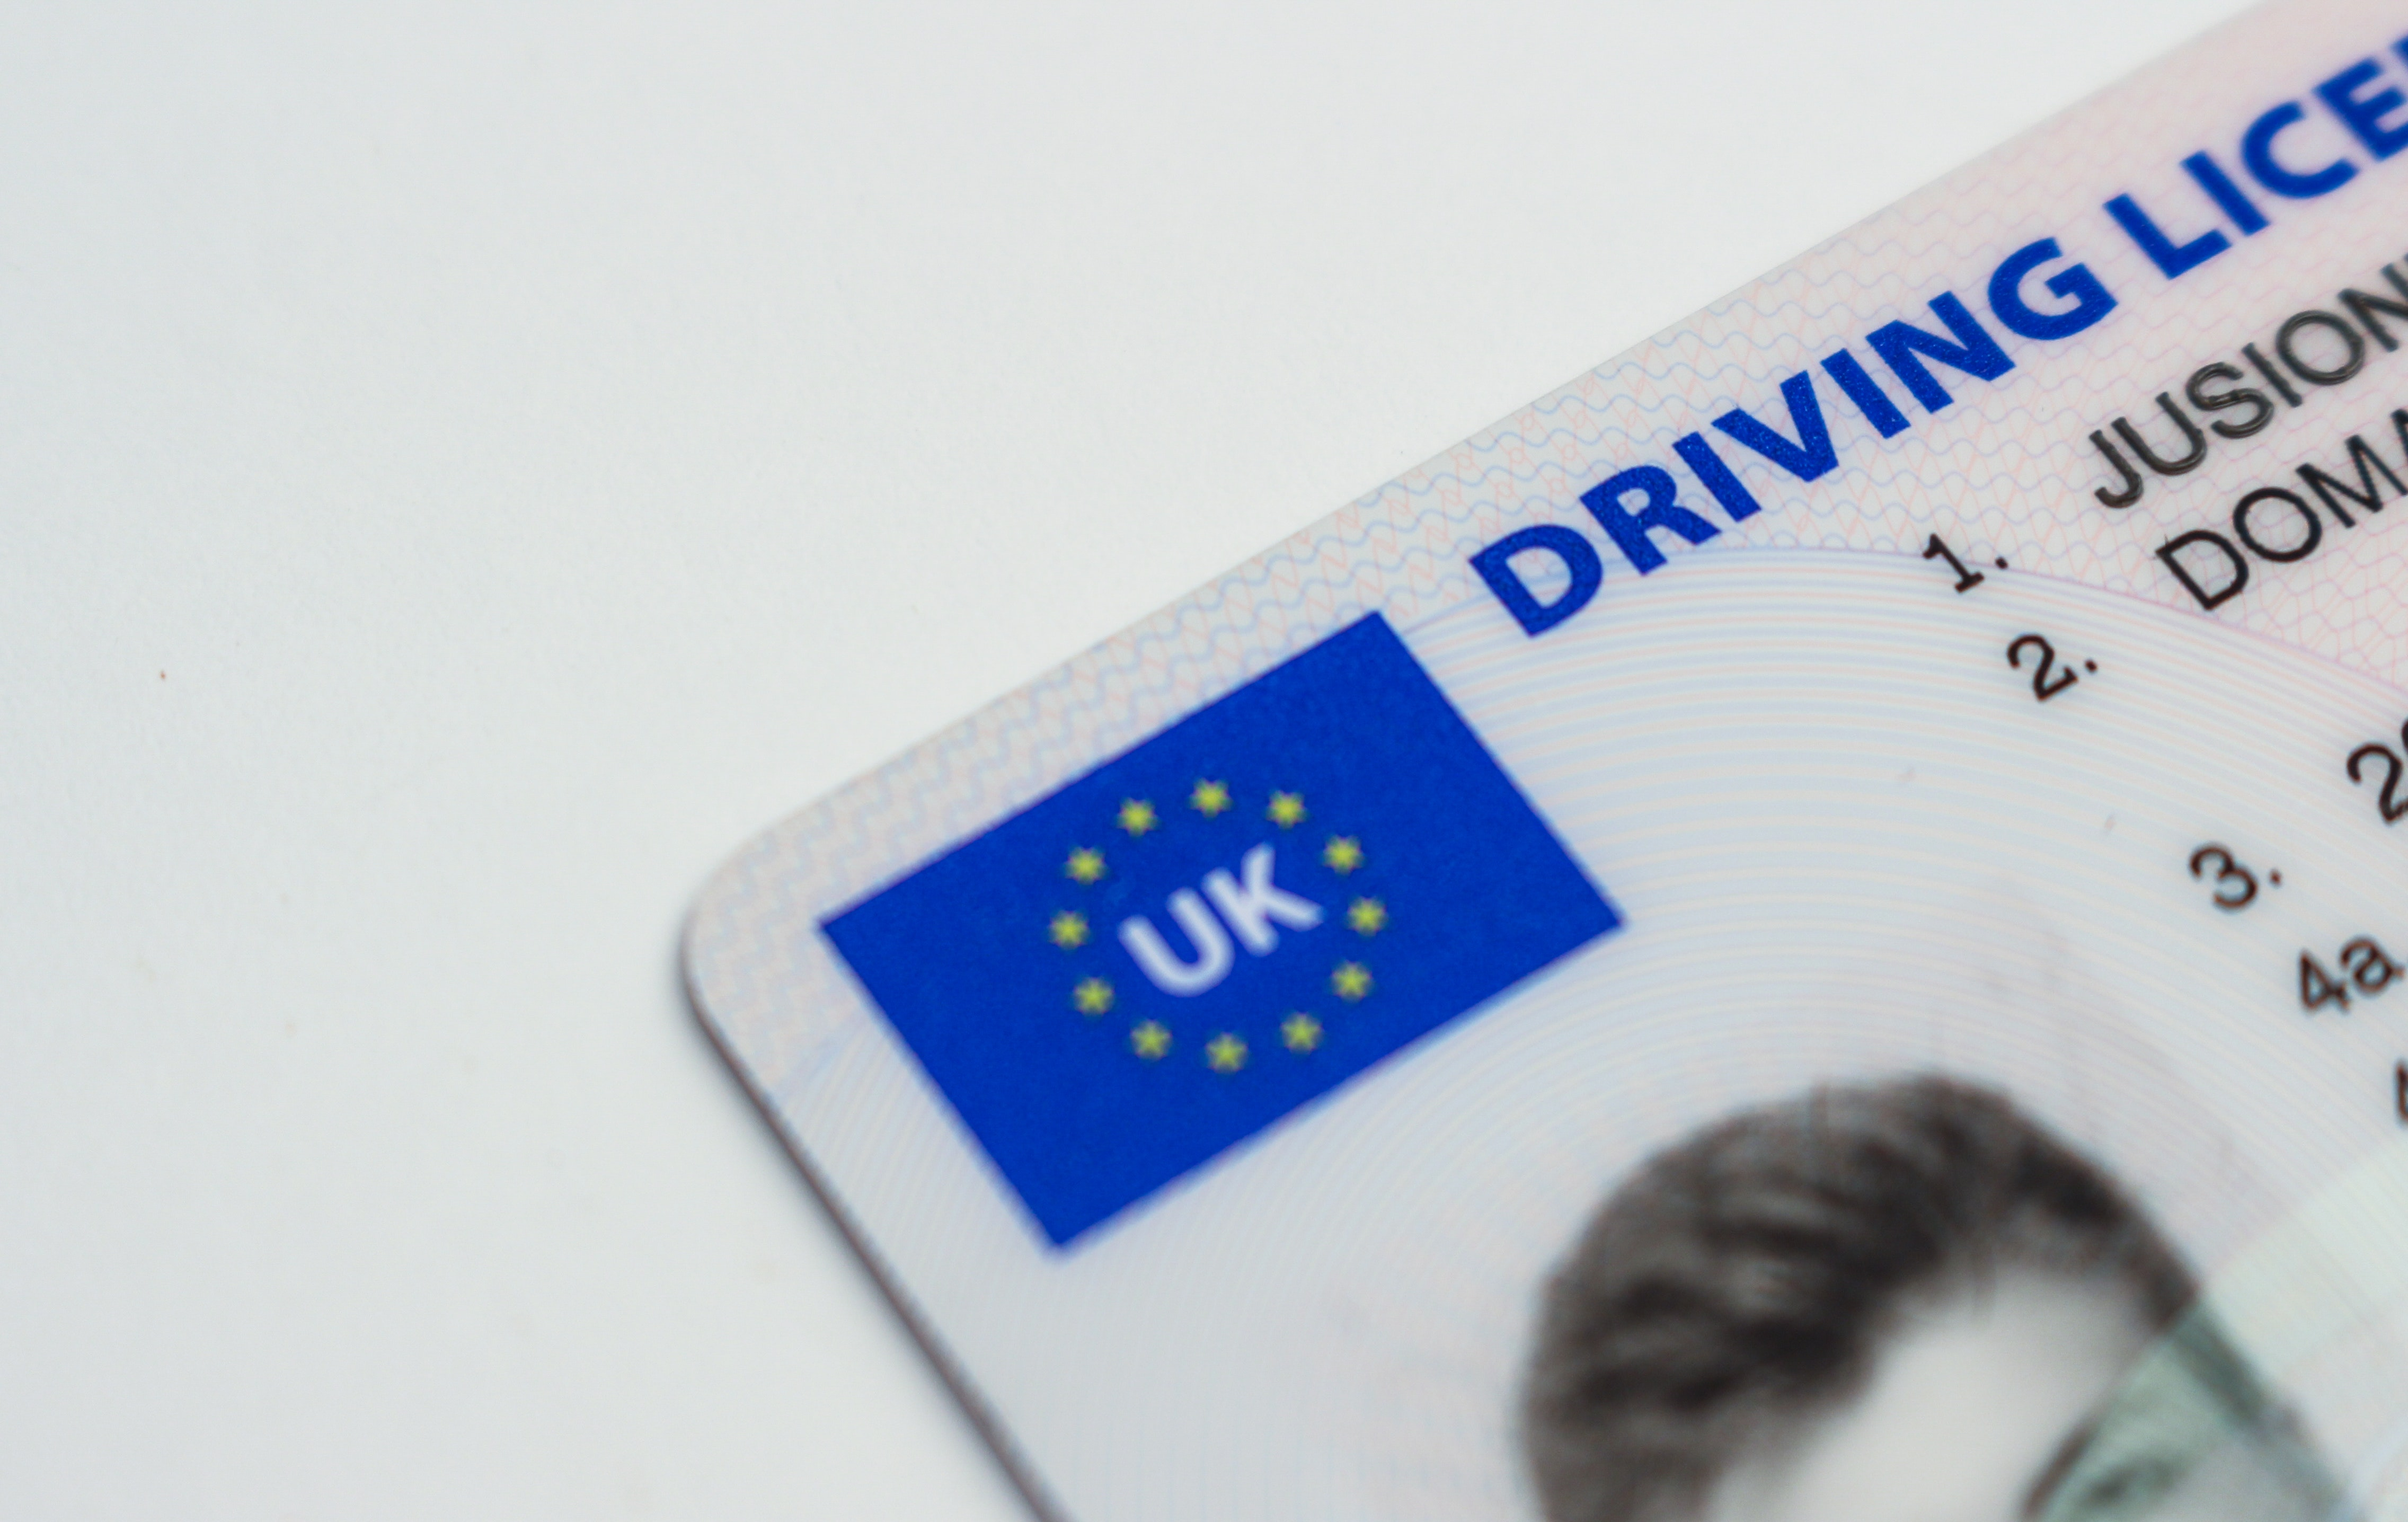 Qué hacer cuando pierdes el carnet de conducir